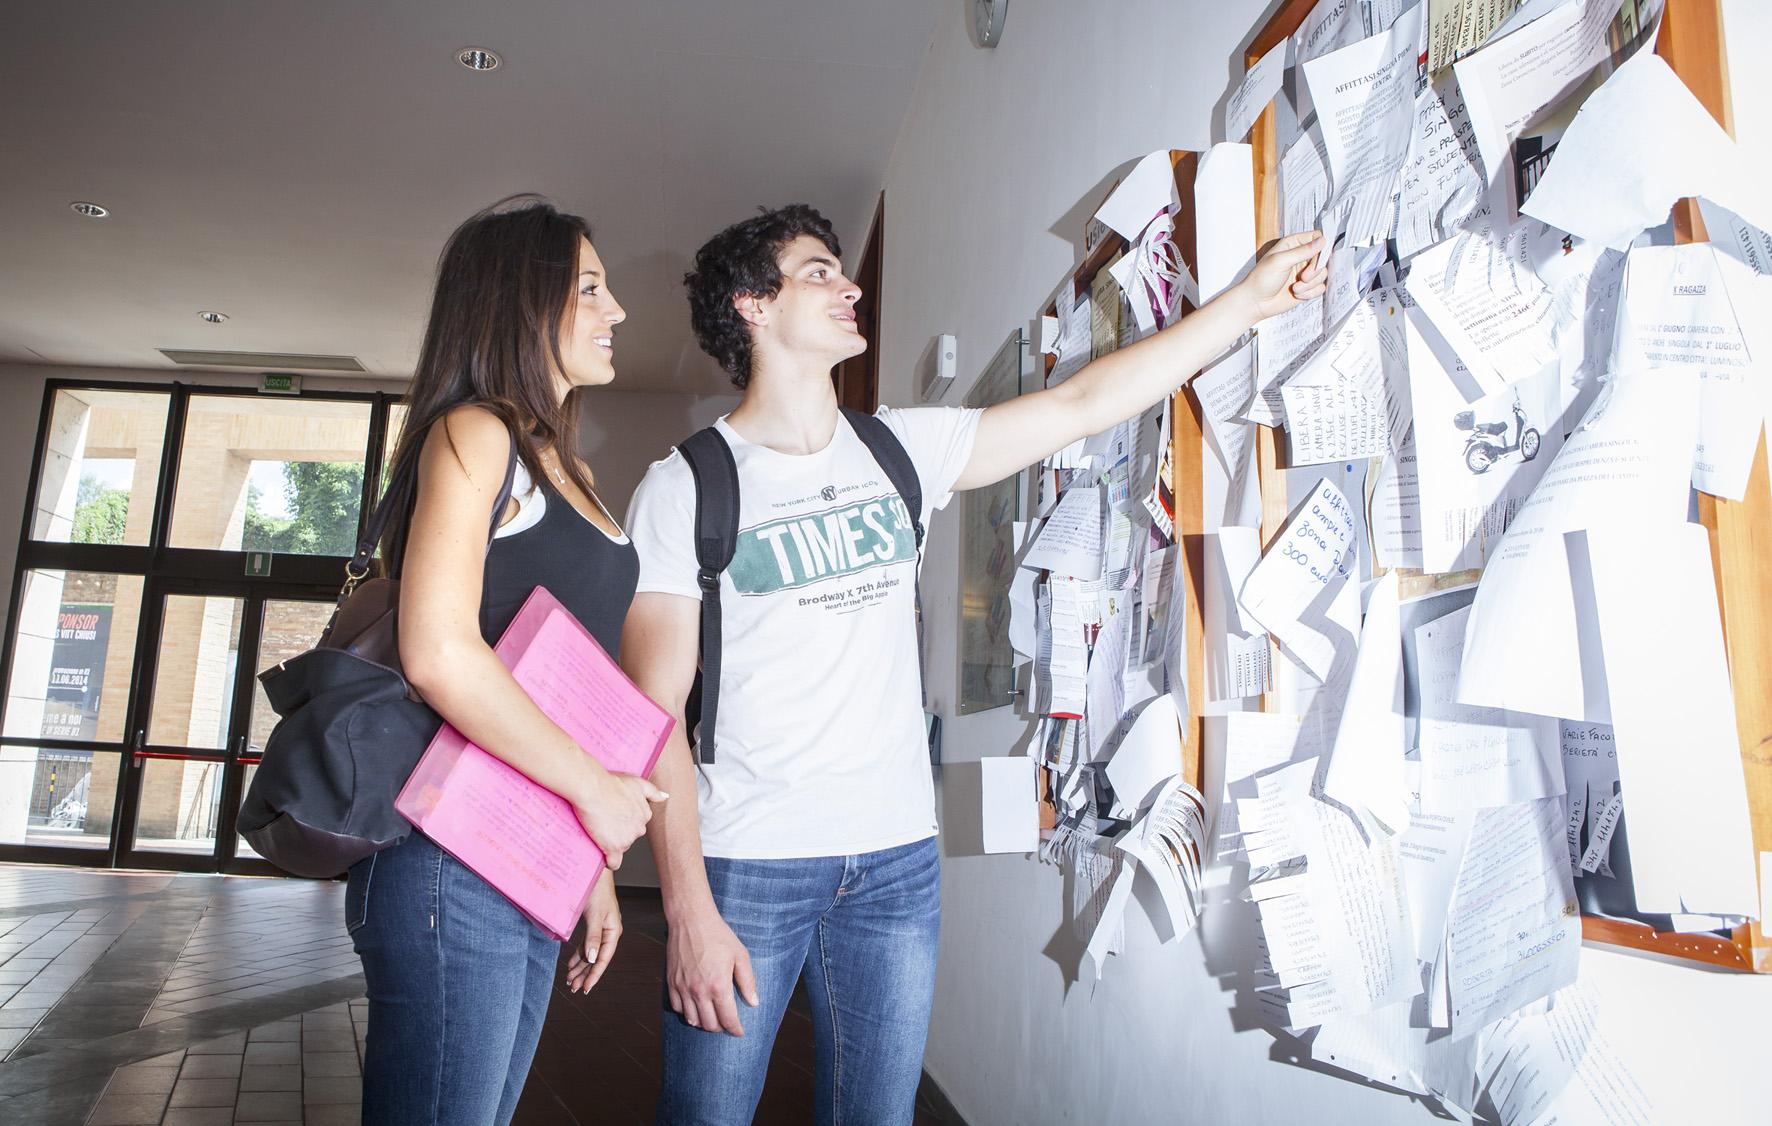 43. ITALIANI STUDENTI. FOTO MARIO LLORCA.WWW.MARIOLLORCA.COM